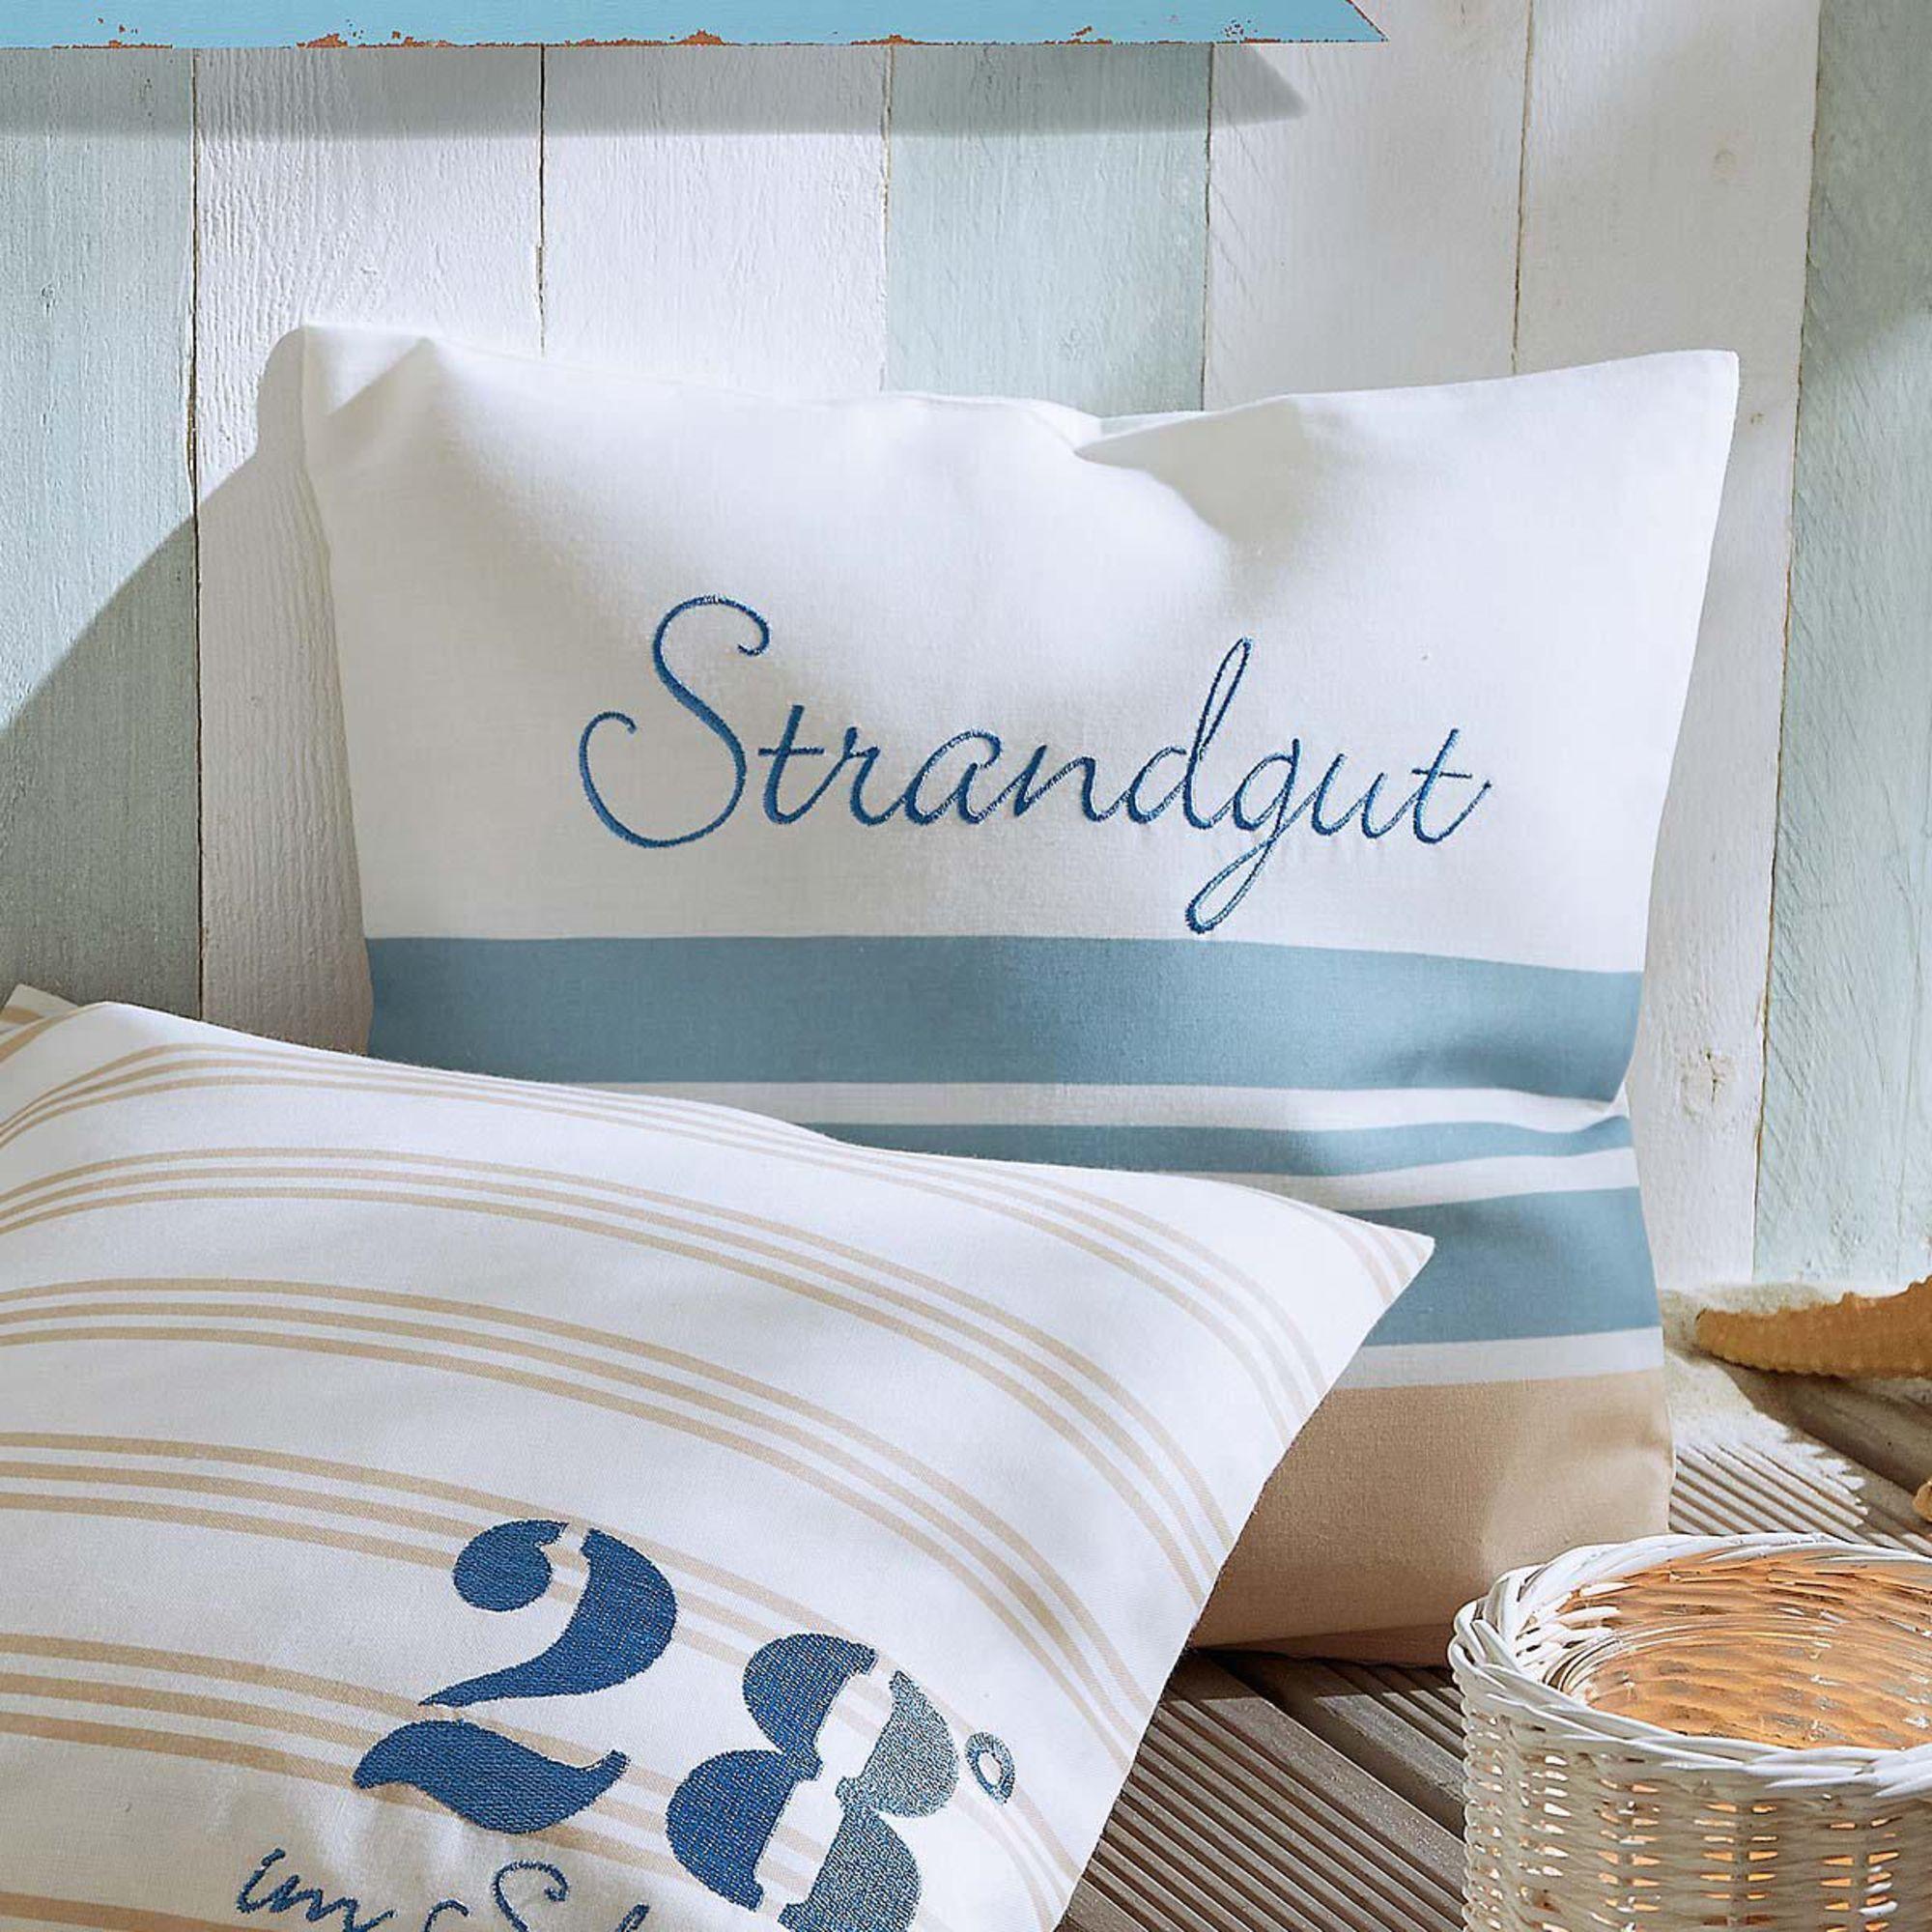 superb einfache dekoration und mobel heimtextilien #2: Kissenhülle Strandgut | Kissen | Heimtextilien | Dekoration